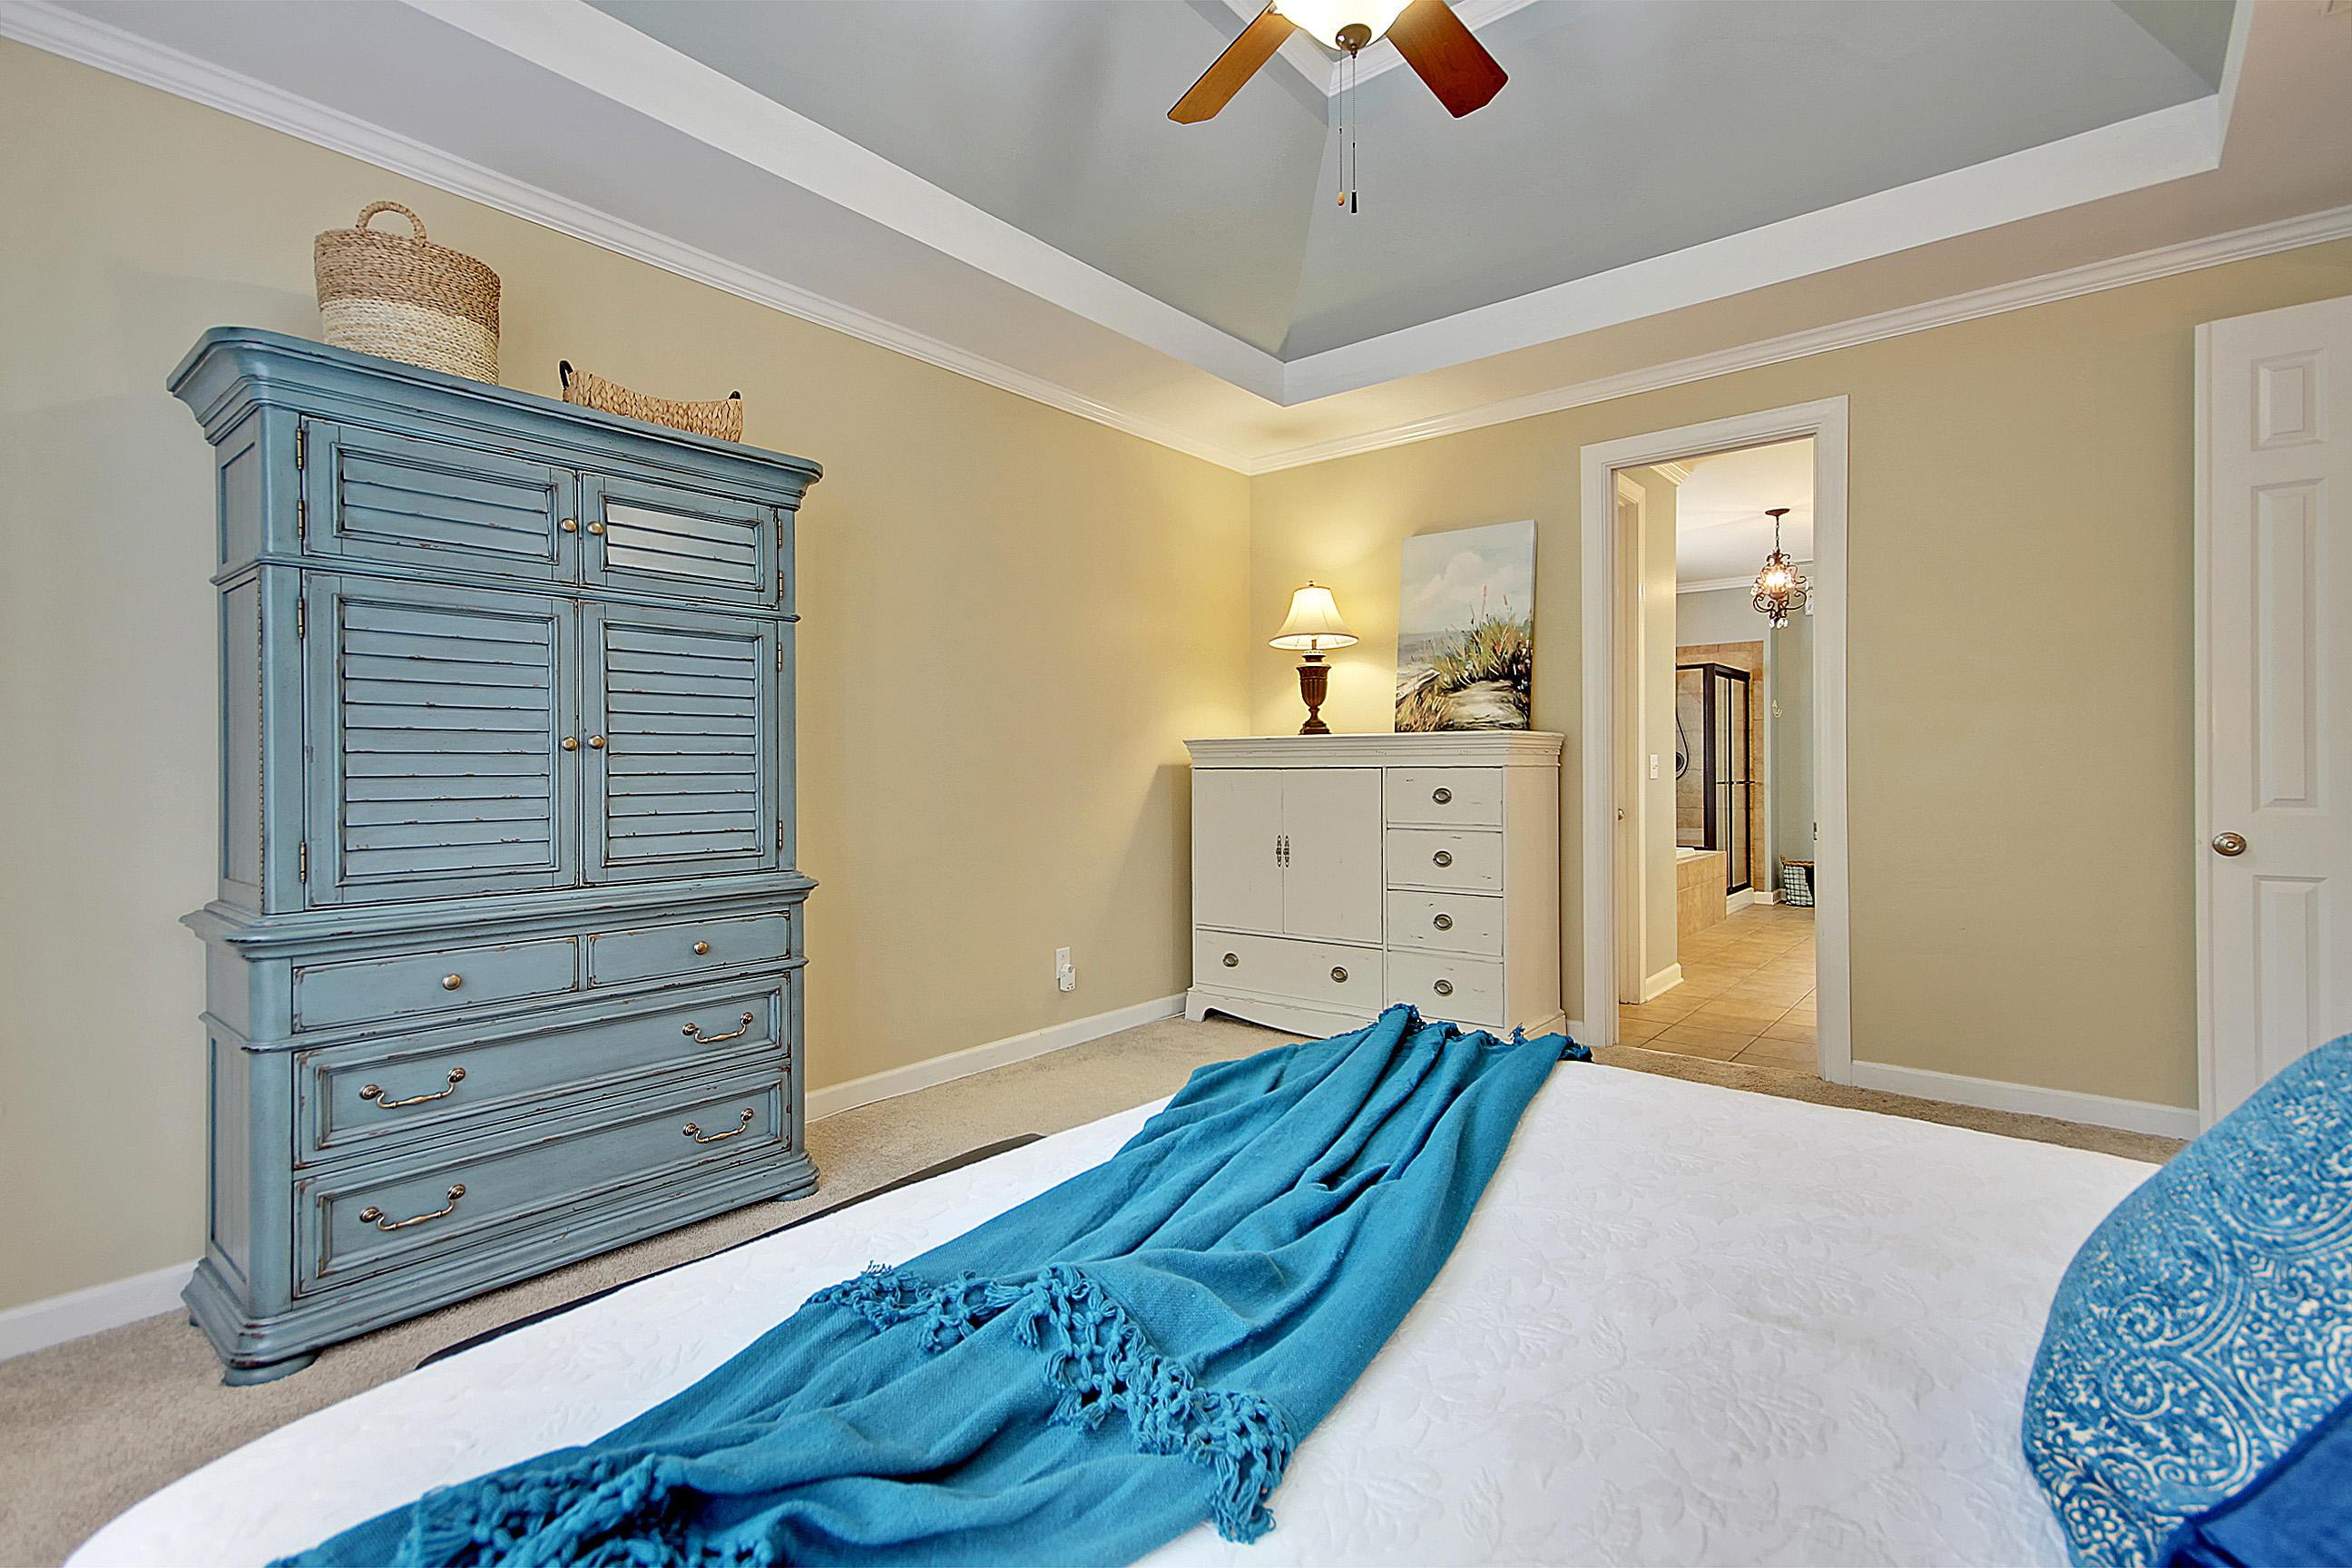 Dunes West Homes For Sale - 3056 Riverwood, Mount Pleasant, SC - 30